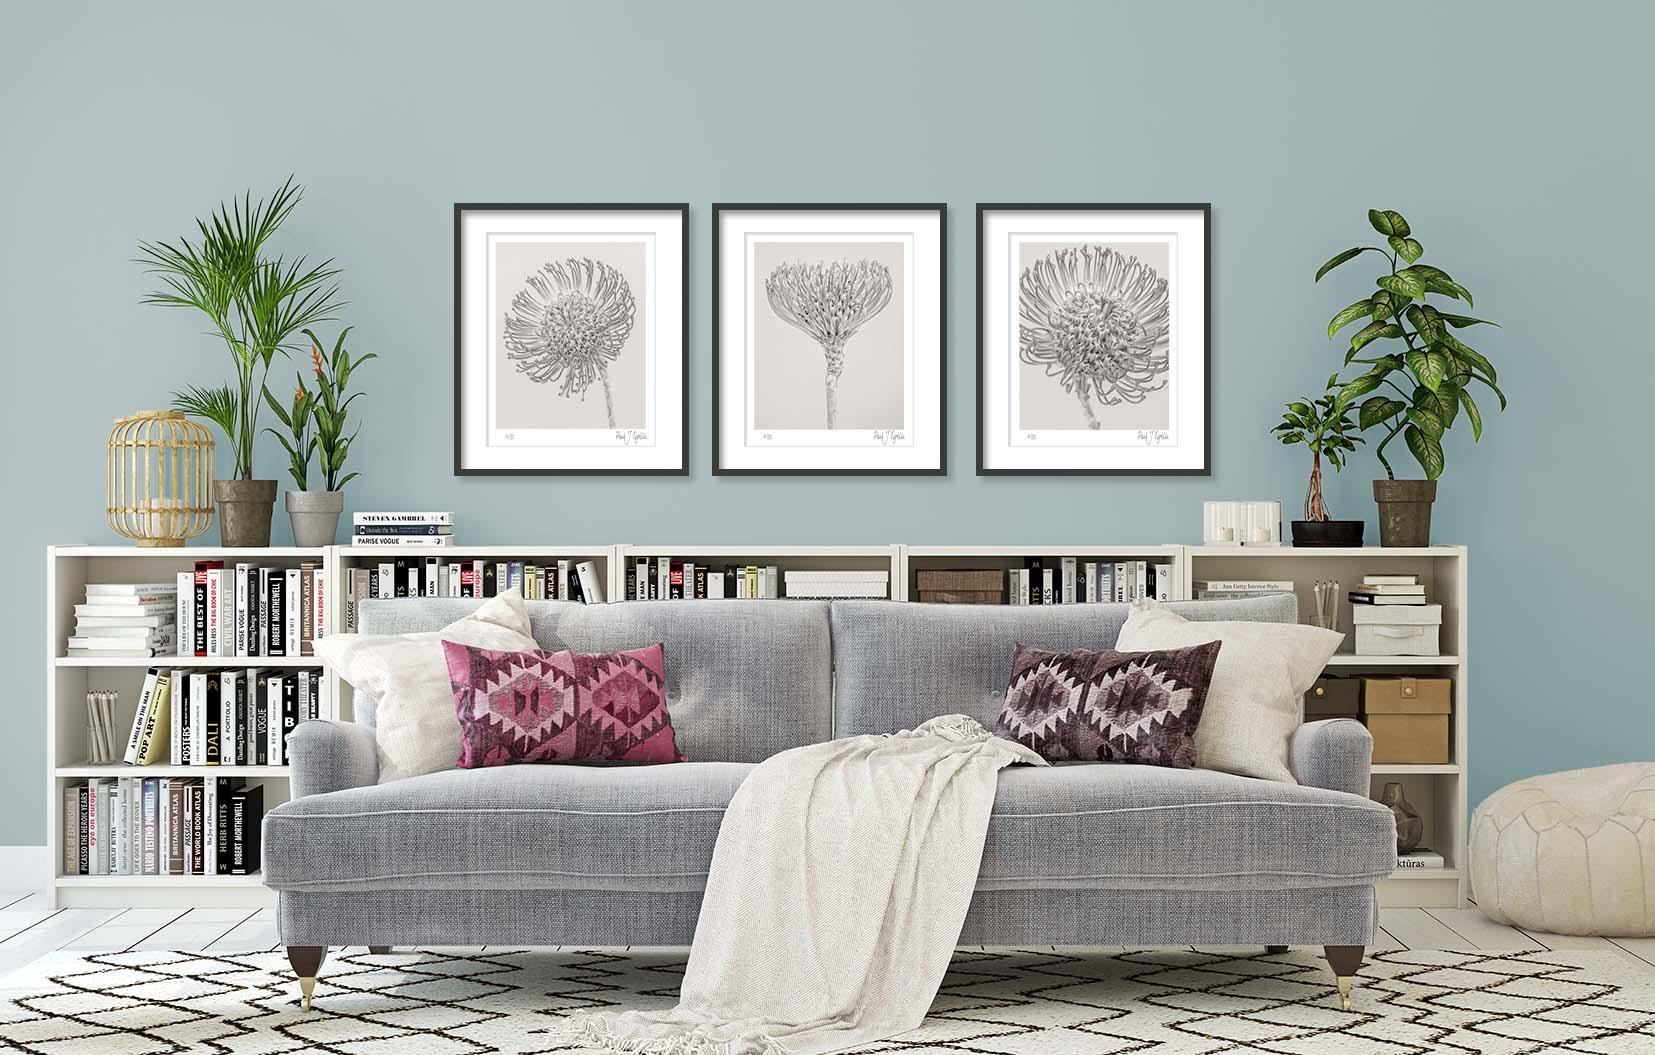 Leucospermum cordifolium (Protea) I, II + III 15x19.jpg